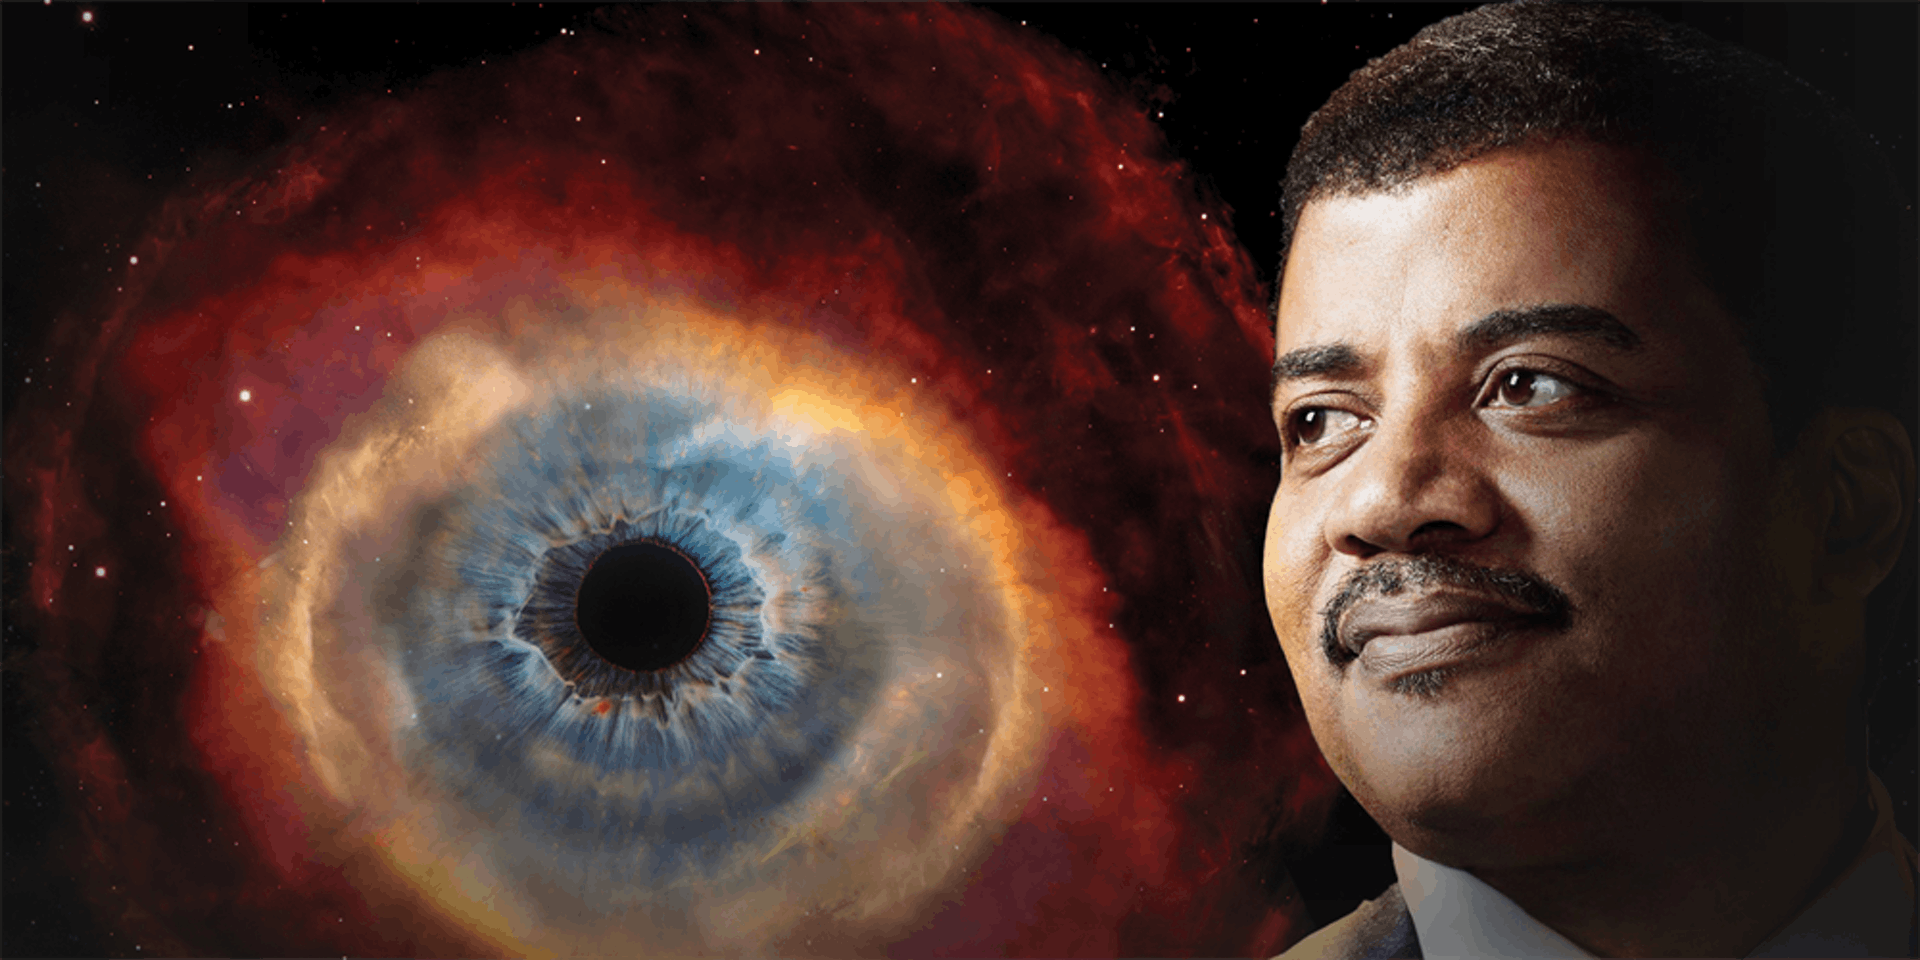 Cosmos: estreno de la segunda temporada en marzo 2020